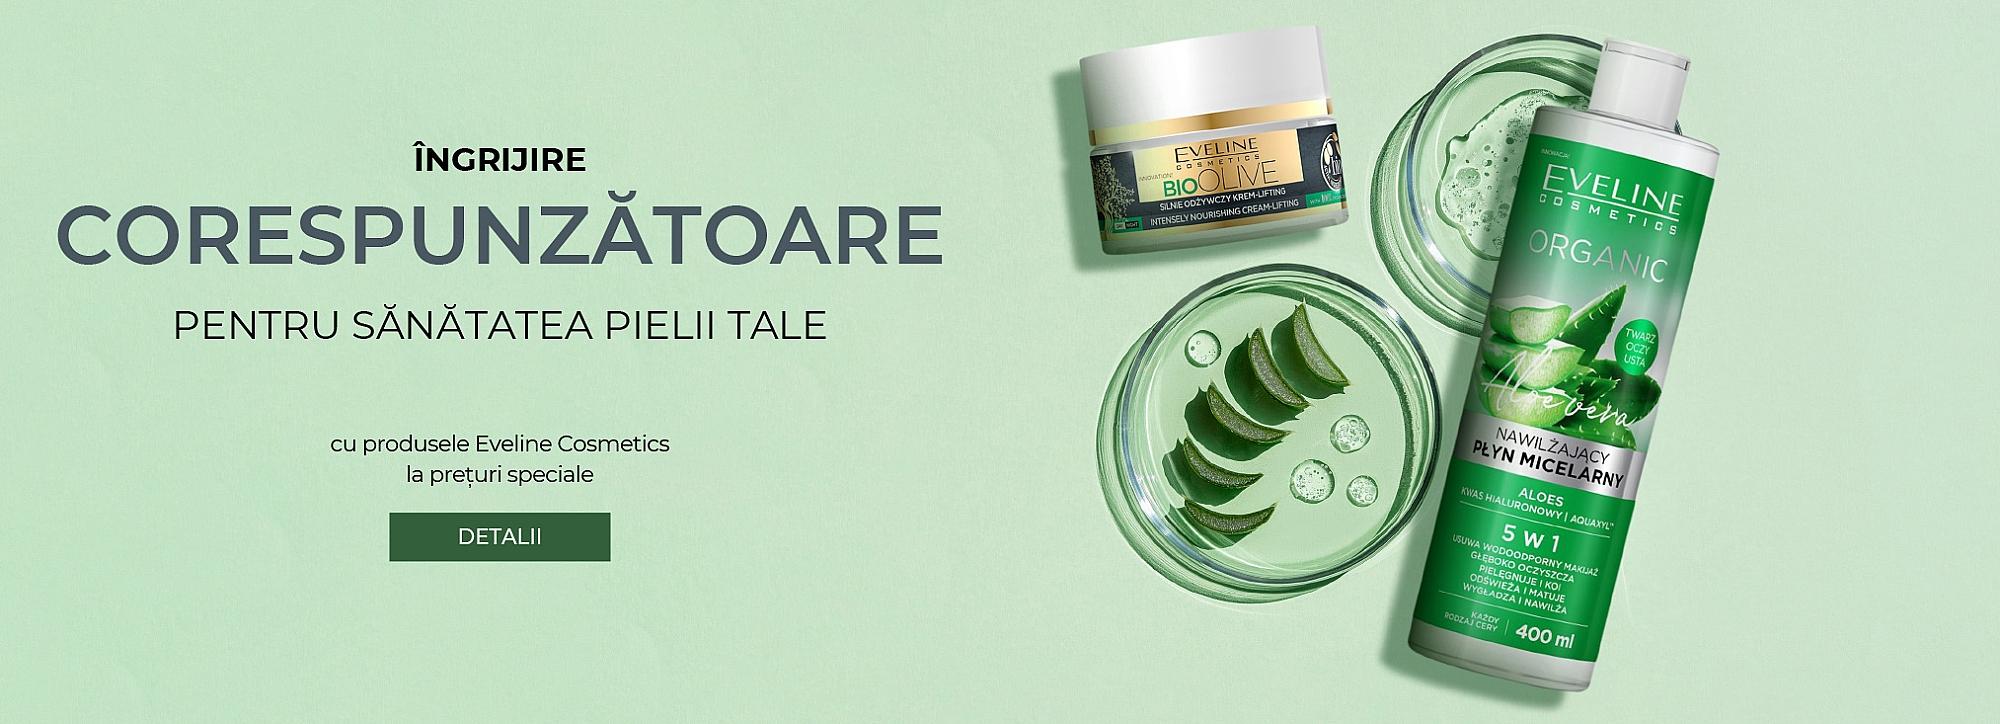 Eveline Cosmetics_face